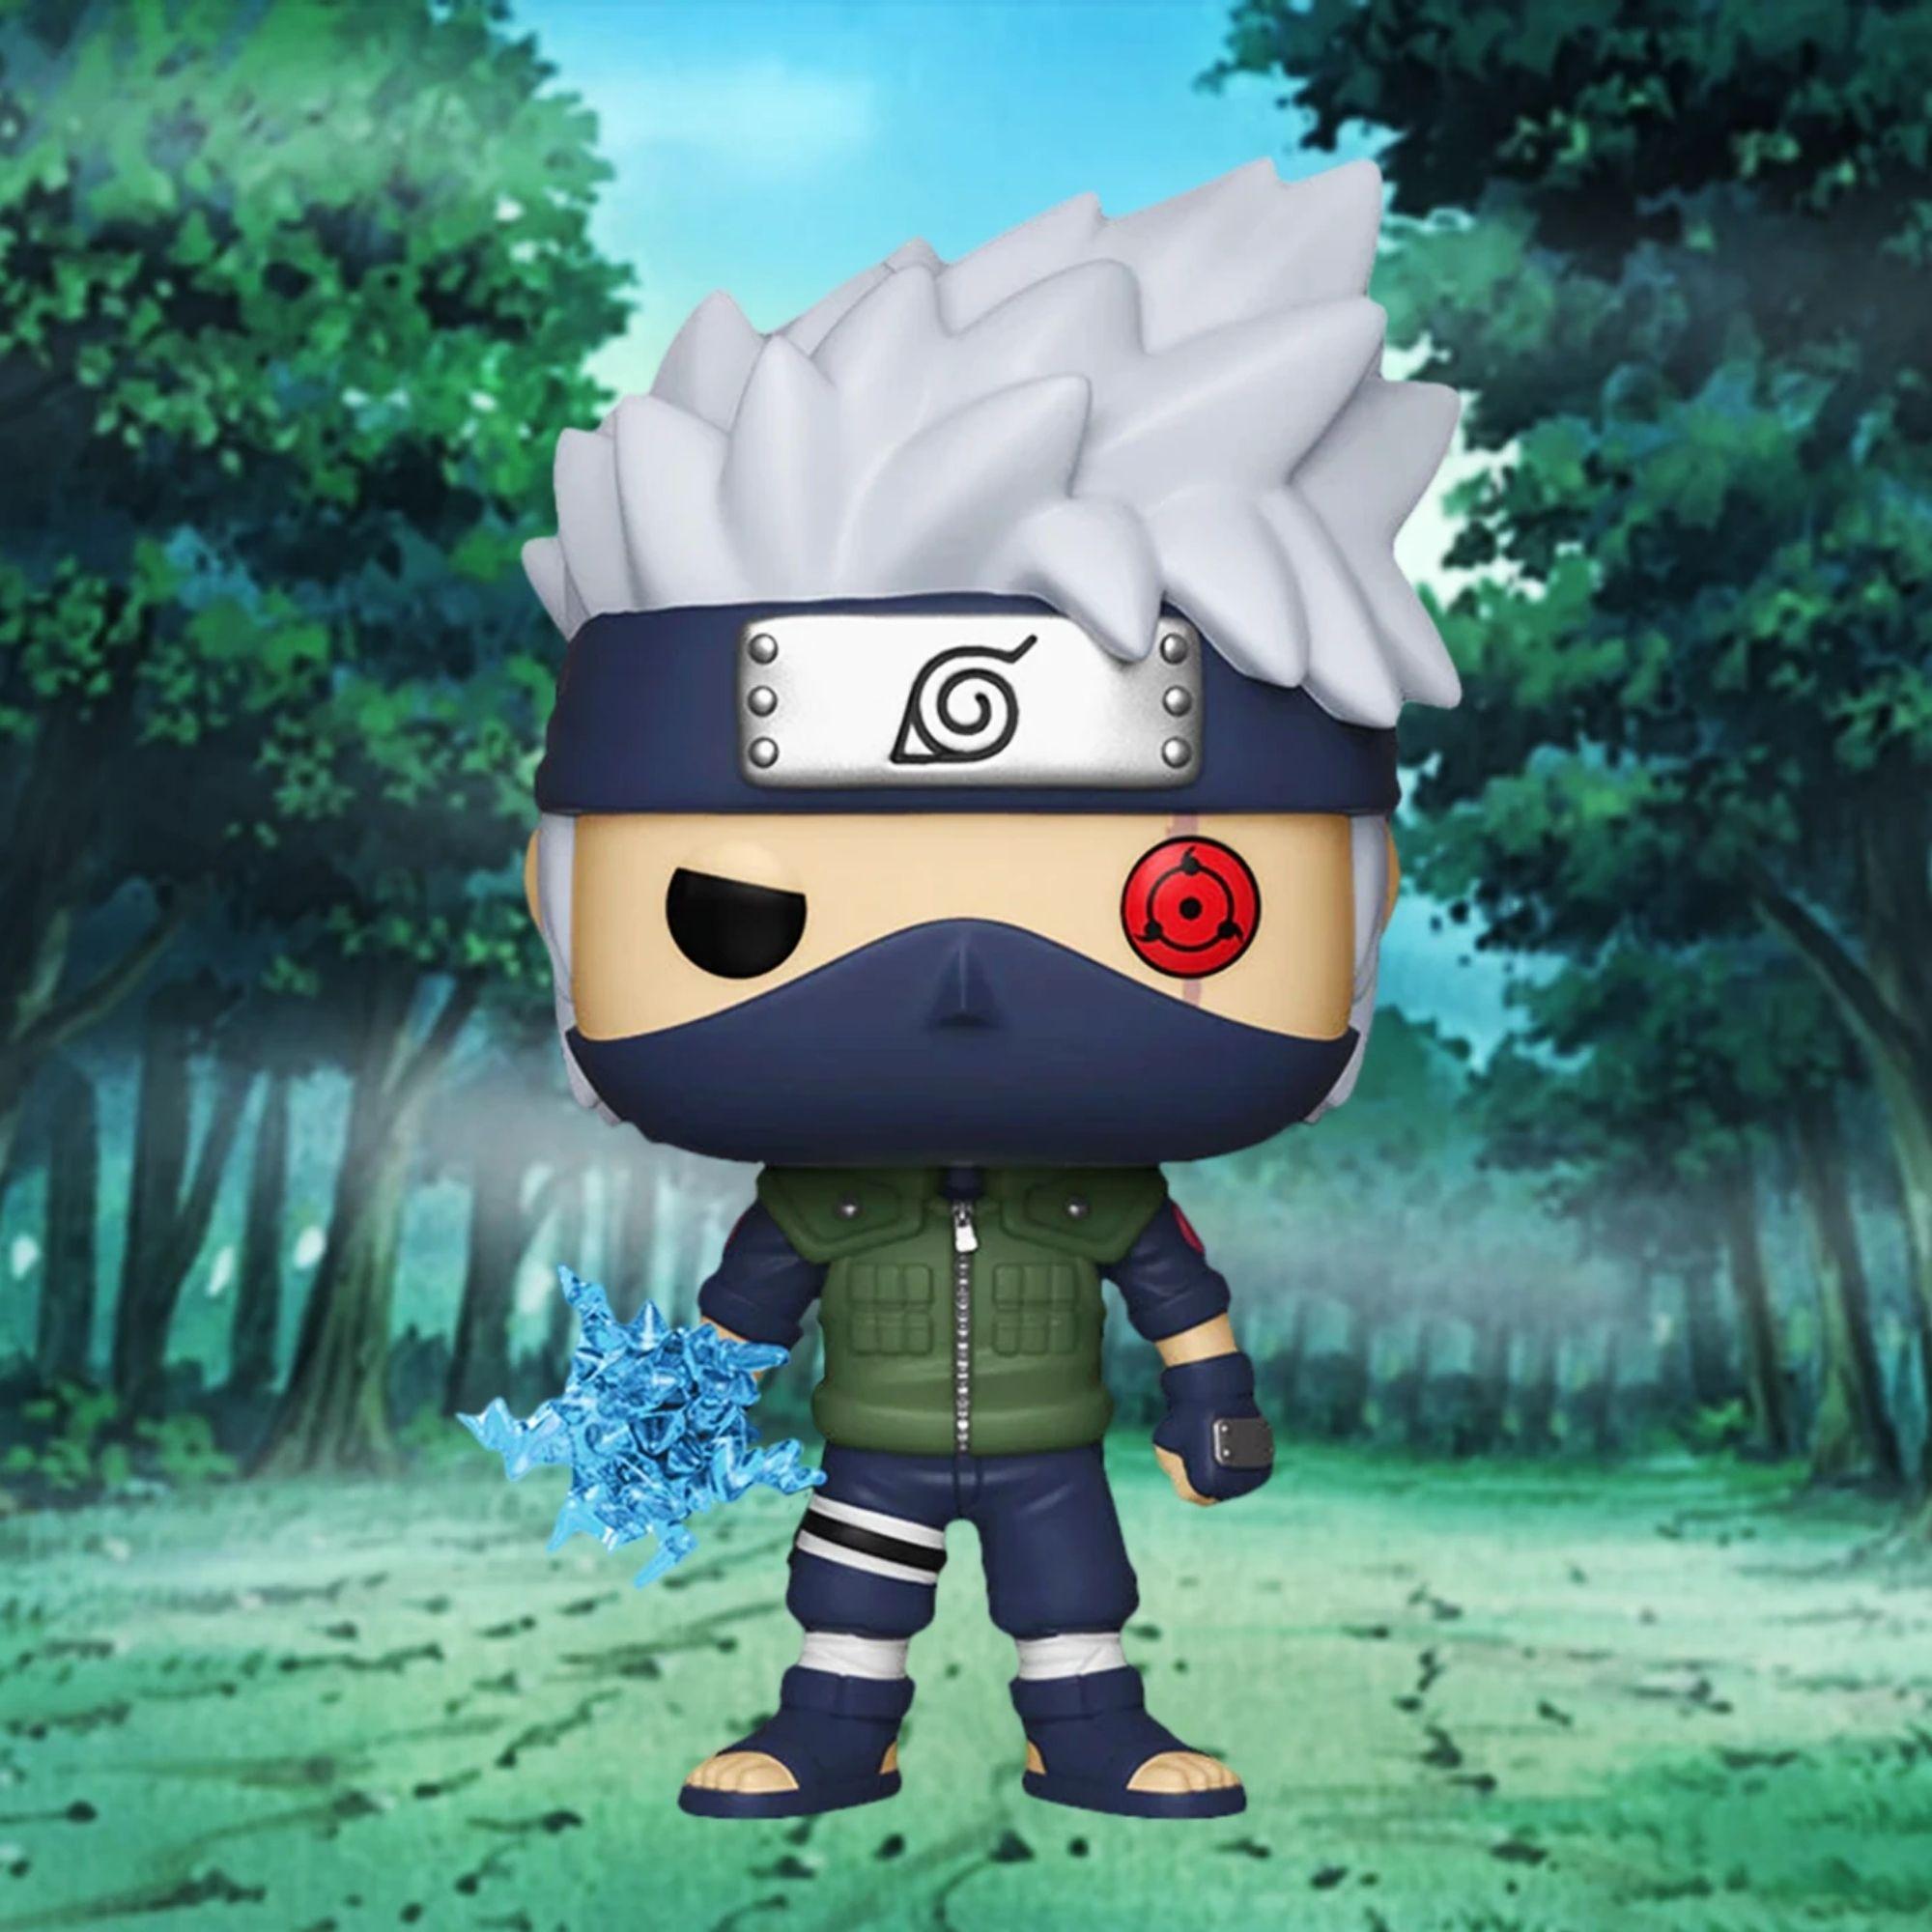 Funko Pop Naruto Kakashi Lightning Blade #548 Edição Limitada  - Game Land Brinquedos